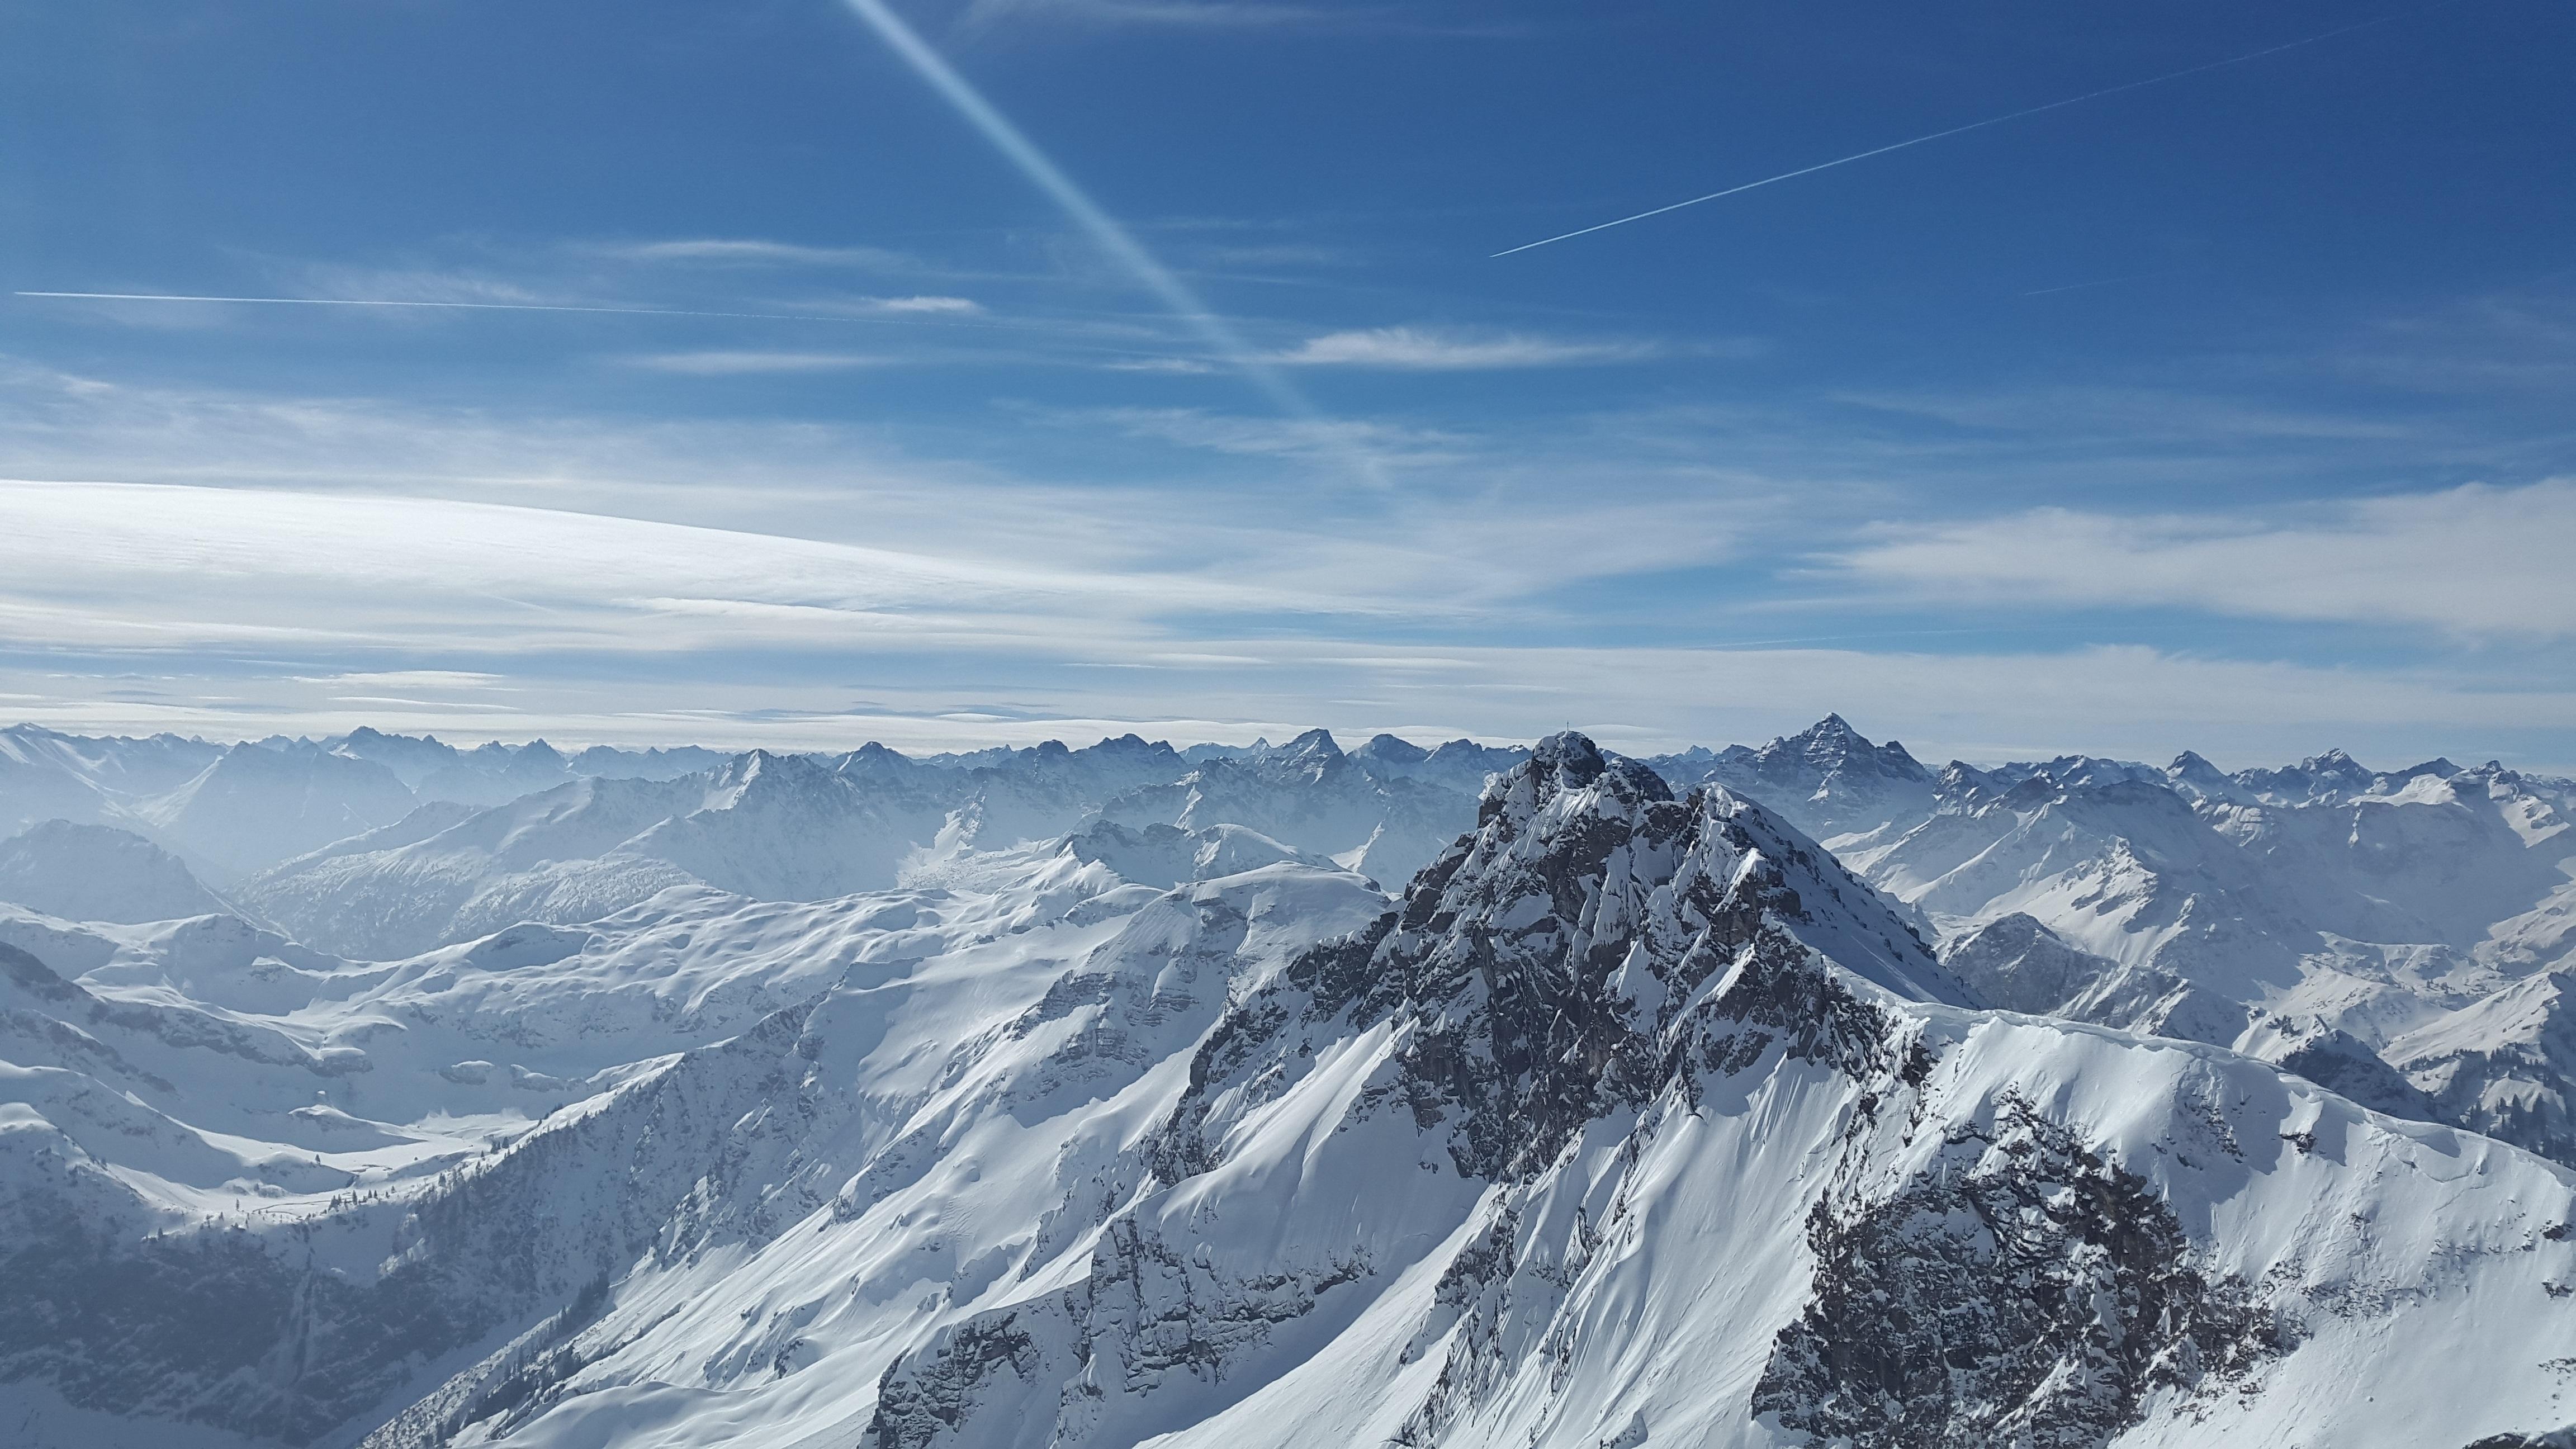 RichesMonts au cœur de la montagne, pour partager toujours plus de #MomentsVrais